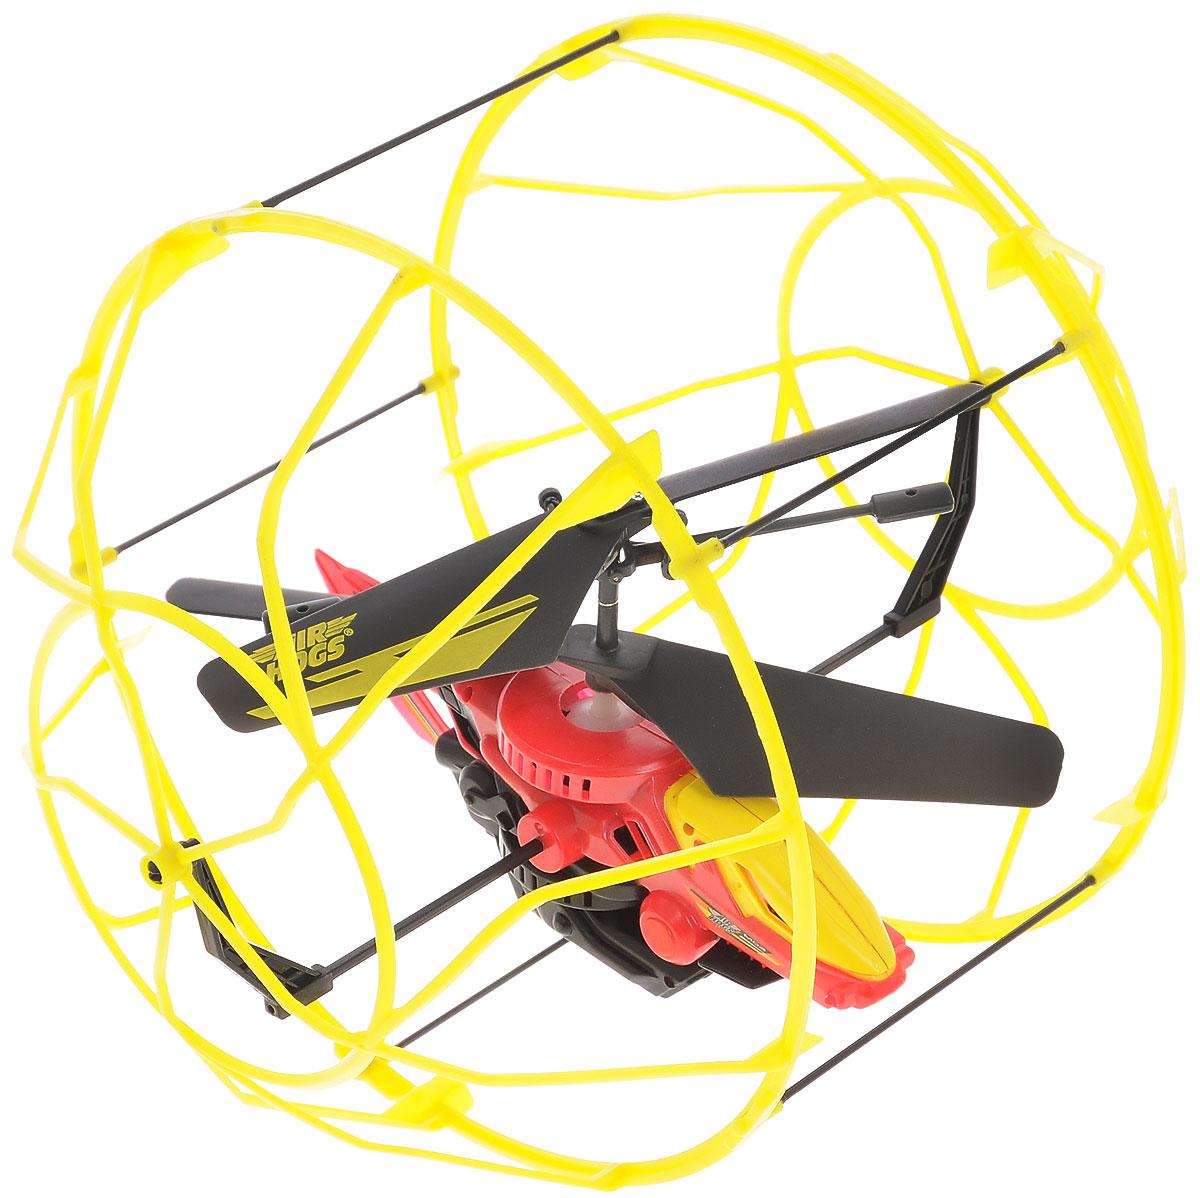 Air Hogs Вертолет на радиоуправлении Roller Copter цвет желтый красный44501_желтыйВертолет в клетке - очередное чудо техники от AirHogs. Этот уникальный вертолет защищен наружной клеткой, которая создает барьер между ним и поверхностью или предметами. Клетка вращается вокруг вертолета, что позволяет ему будто бы забираться на стену. Модель хорошо подойдет новичкам в управлении вертолетами, с помощью которой они будут практиковаться с минимальными повреждениями игрушки. Питание игрушки осуществляется с помощью литий-полимерного аккумулятора с напряжением 3,7 В. Время зарядки - около 30 минут. Для работы пульта необходимо докупить 6 батареек типа АА (не входят в комплект).